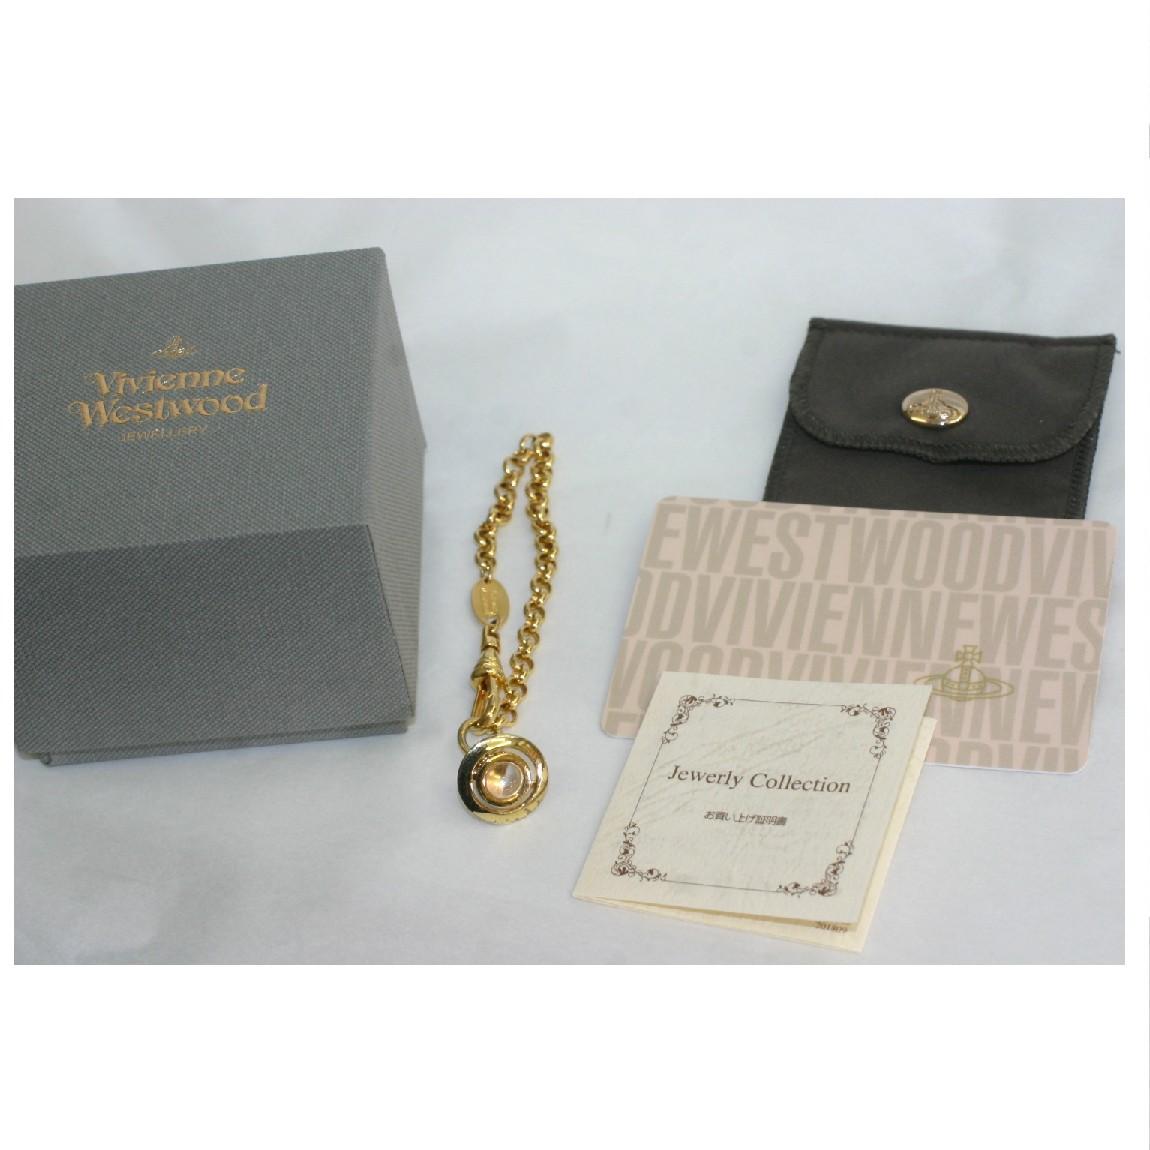 【中古】本物ほぼ新品ヴィヴィアンウエストウッドのプチオーブ金色メタル素材のブレスレット プレゼントに最適 ○D14-61